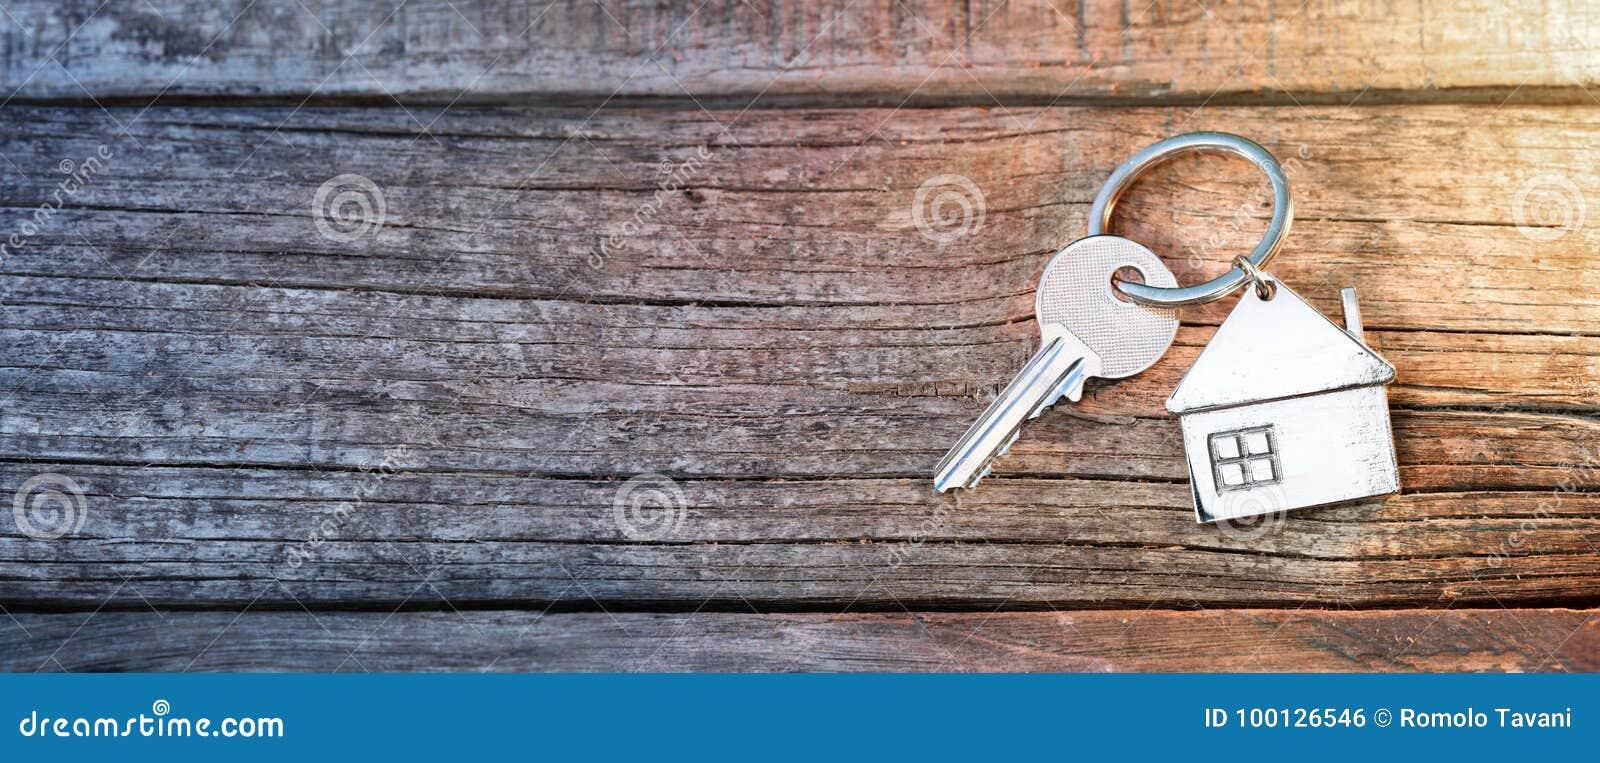 Κλειδί και Keychain σπιτιών στο ξύλο